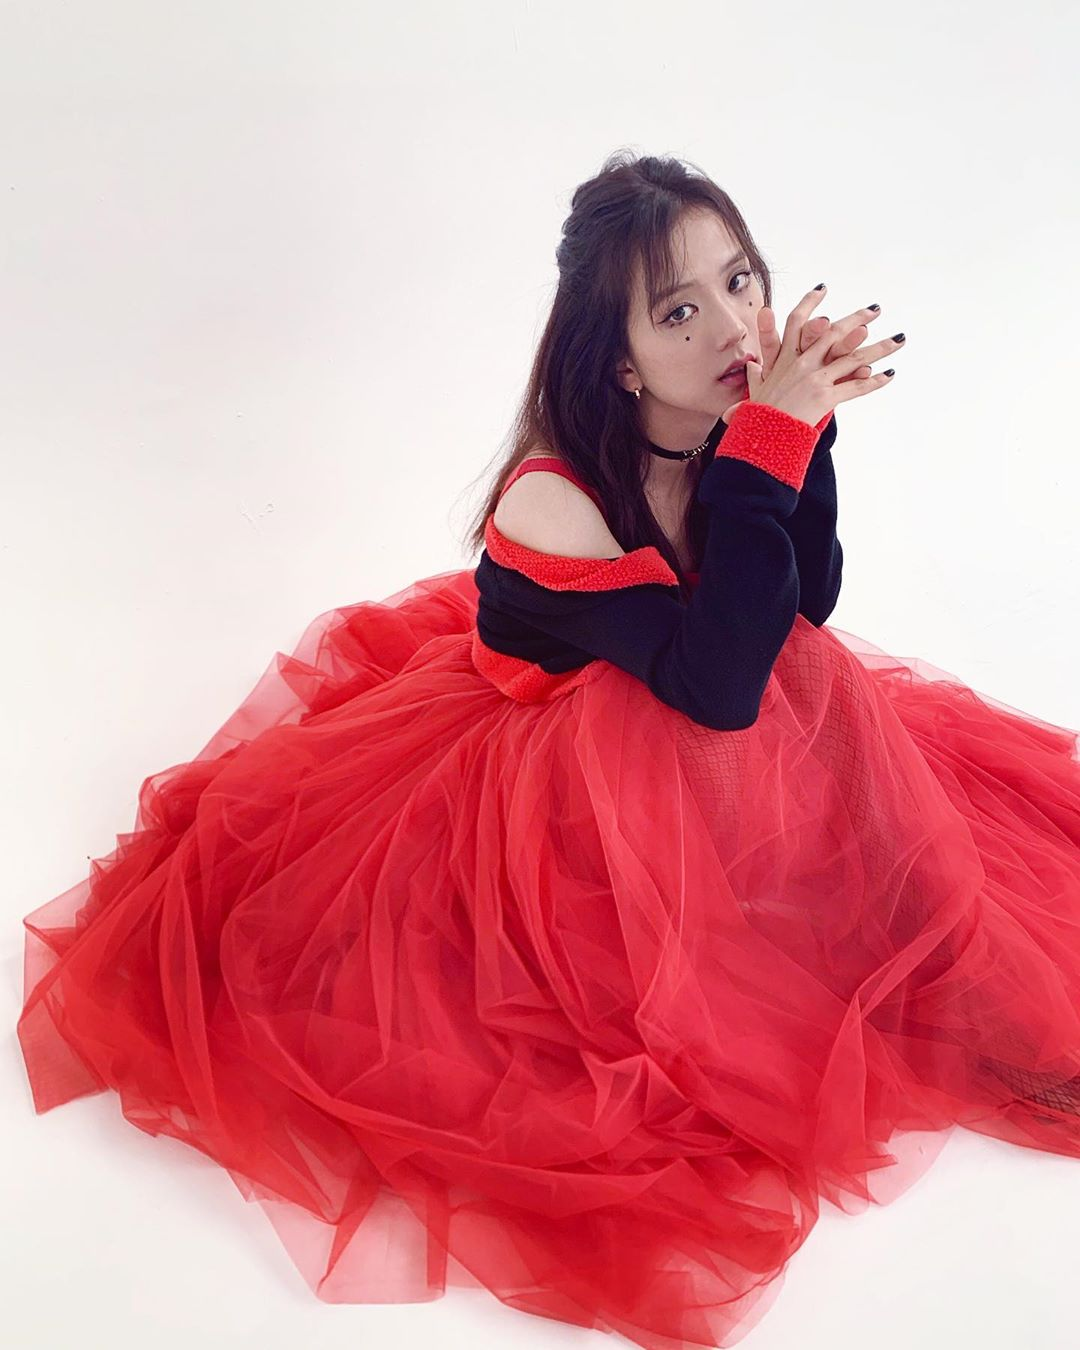 jisoo red dress3